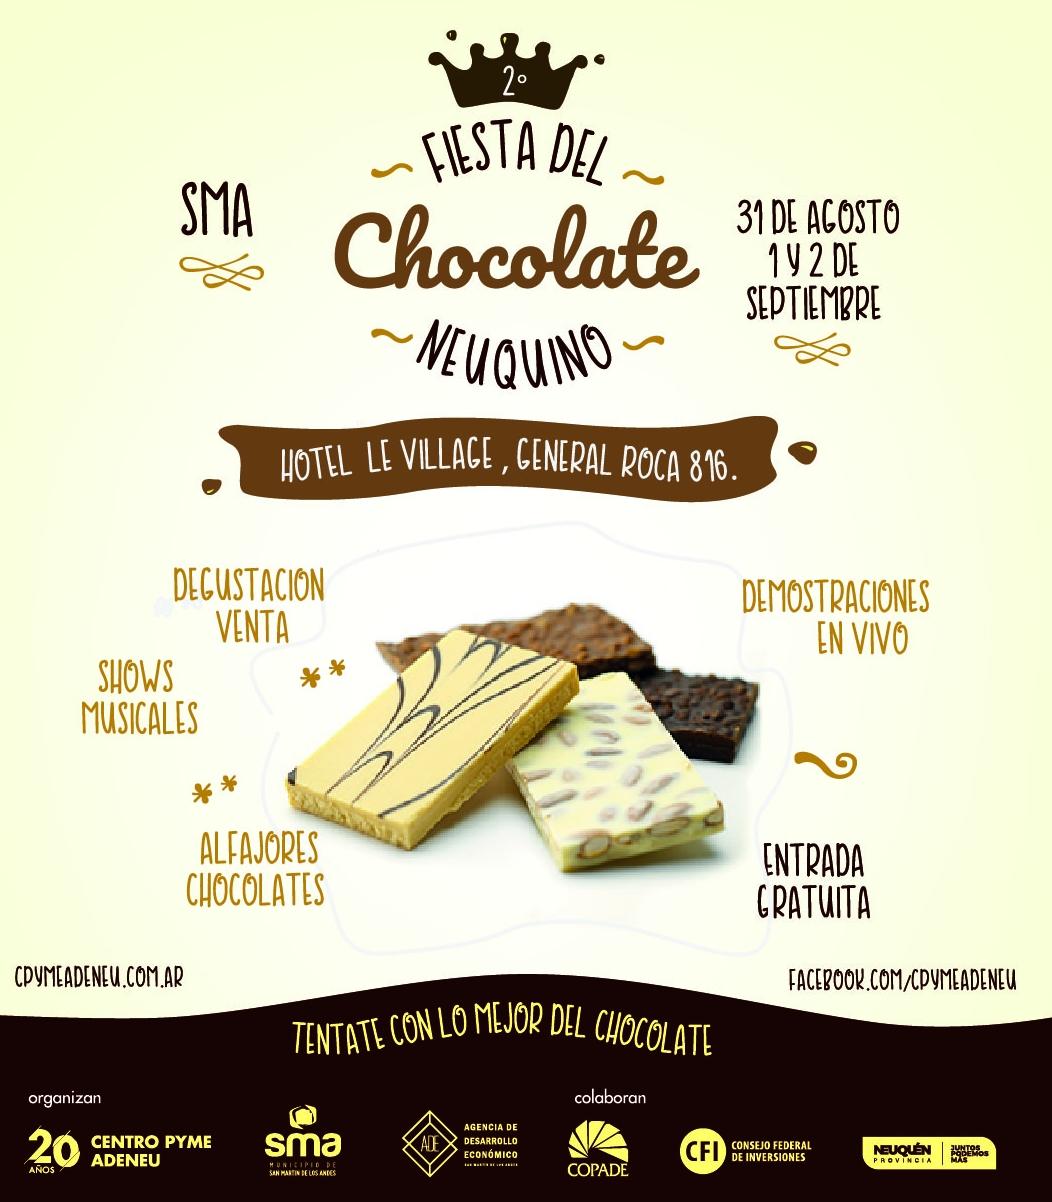 Agendate la 2ª Fiesta del Chocolate Neuquino en San Martin de los Andes